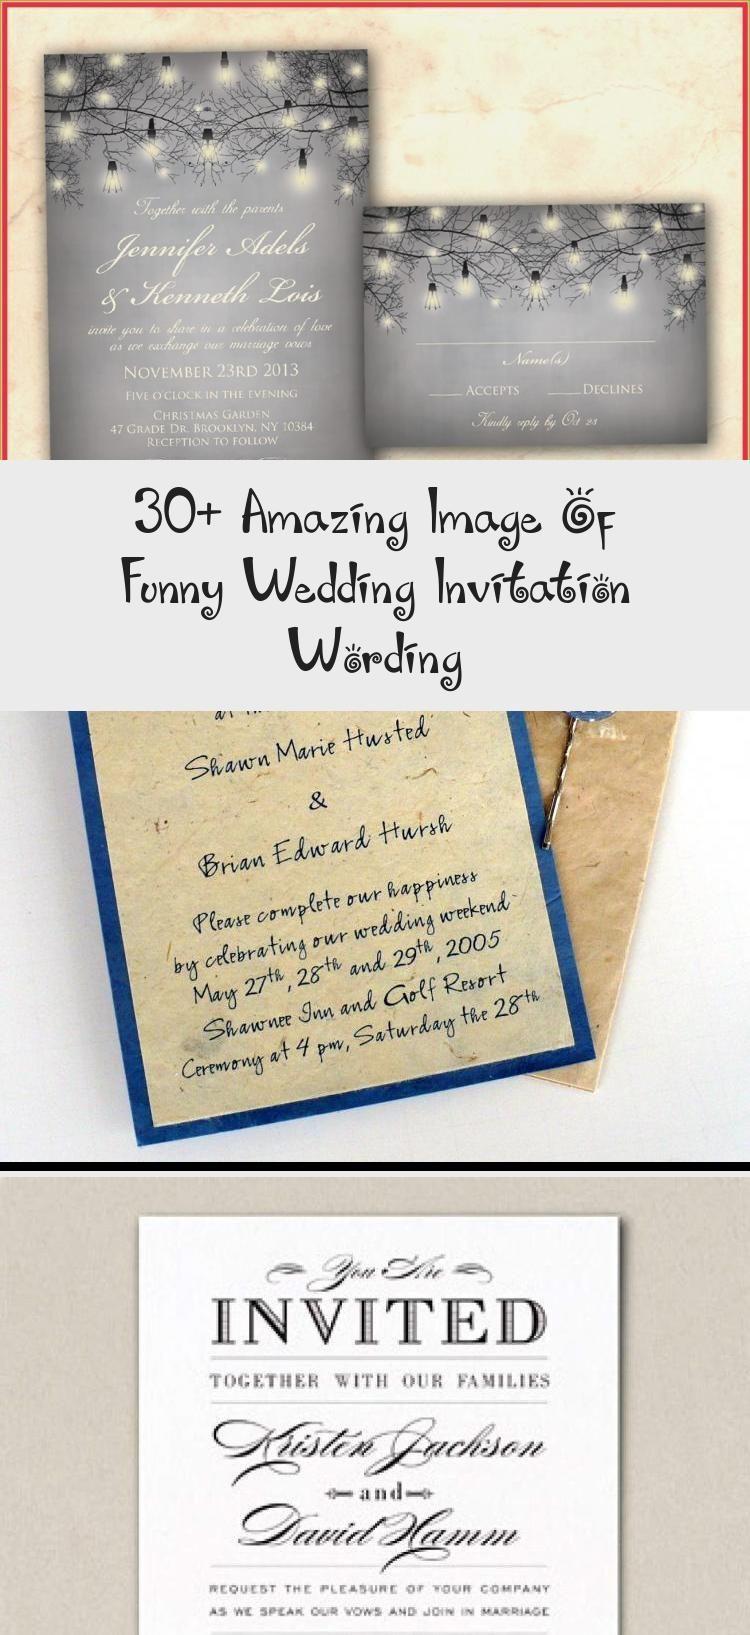 30 Amazing Image Of Funny Wedding Invitation Wording Ruth S Blog Funny Wedding Invitations Wedding Invite Wording Funny Fun Wedding Rsvp Wording